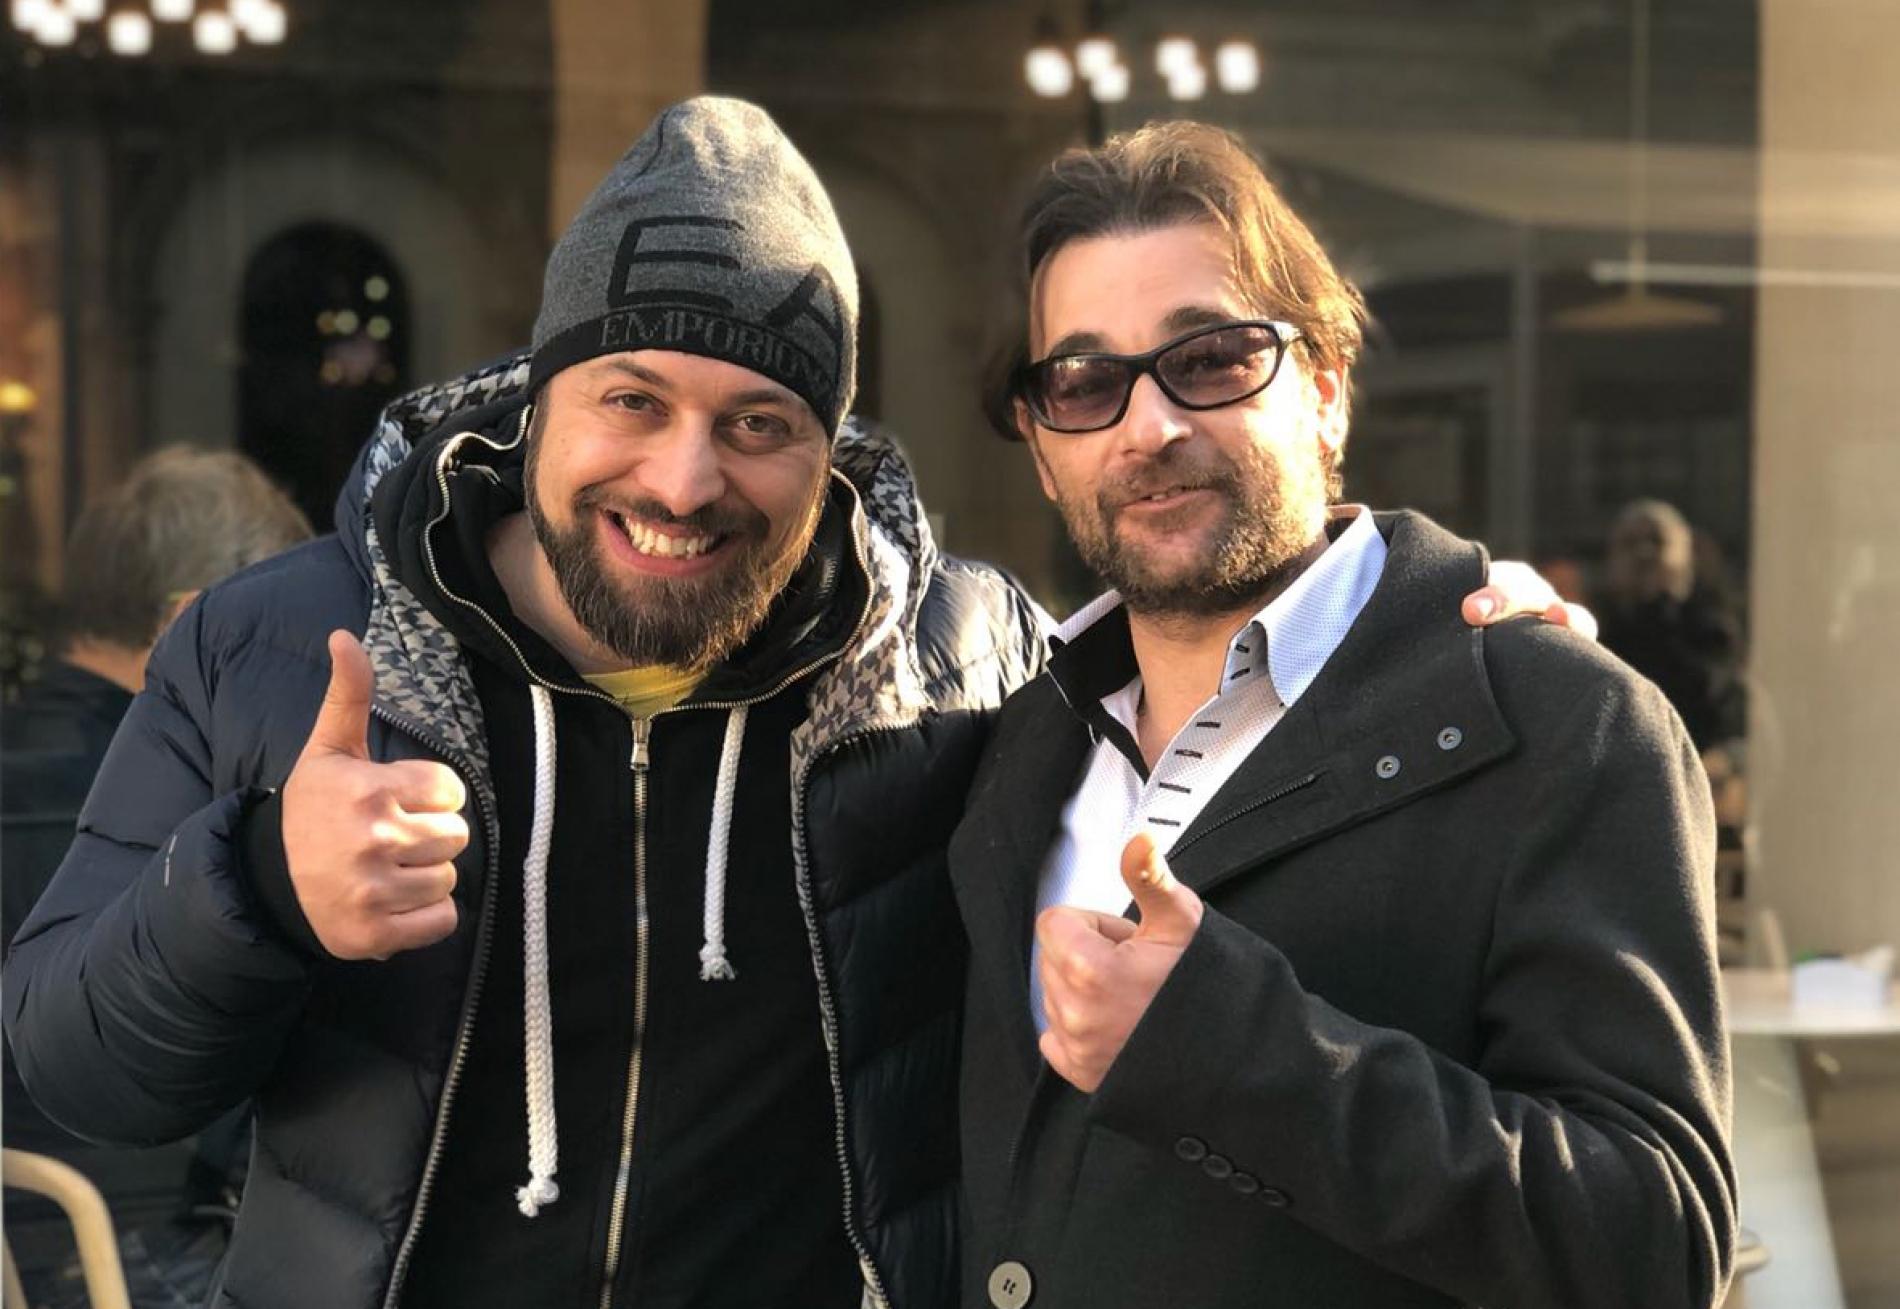 Mitch dj - Radio 105 - crazymarketing Giuseppe Polizzi